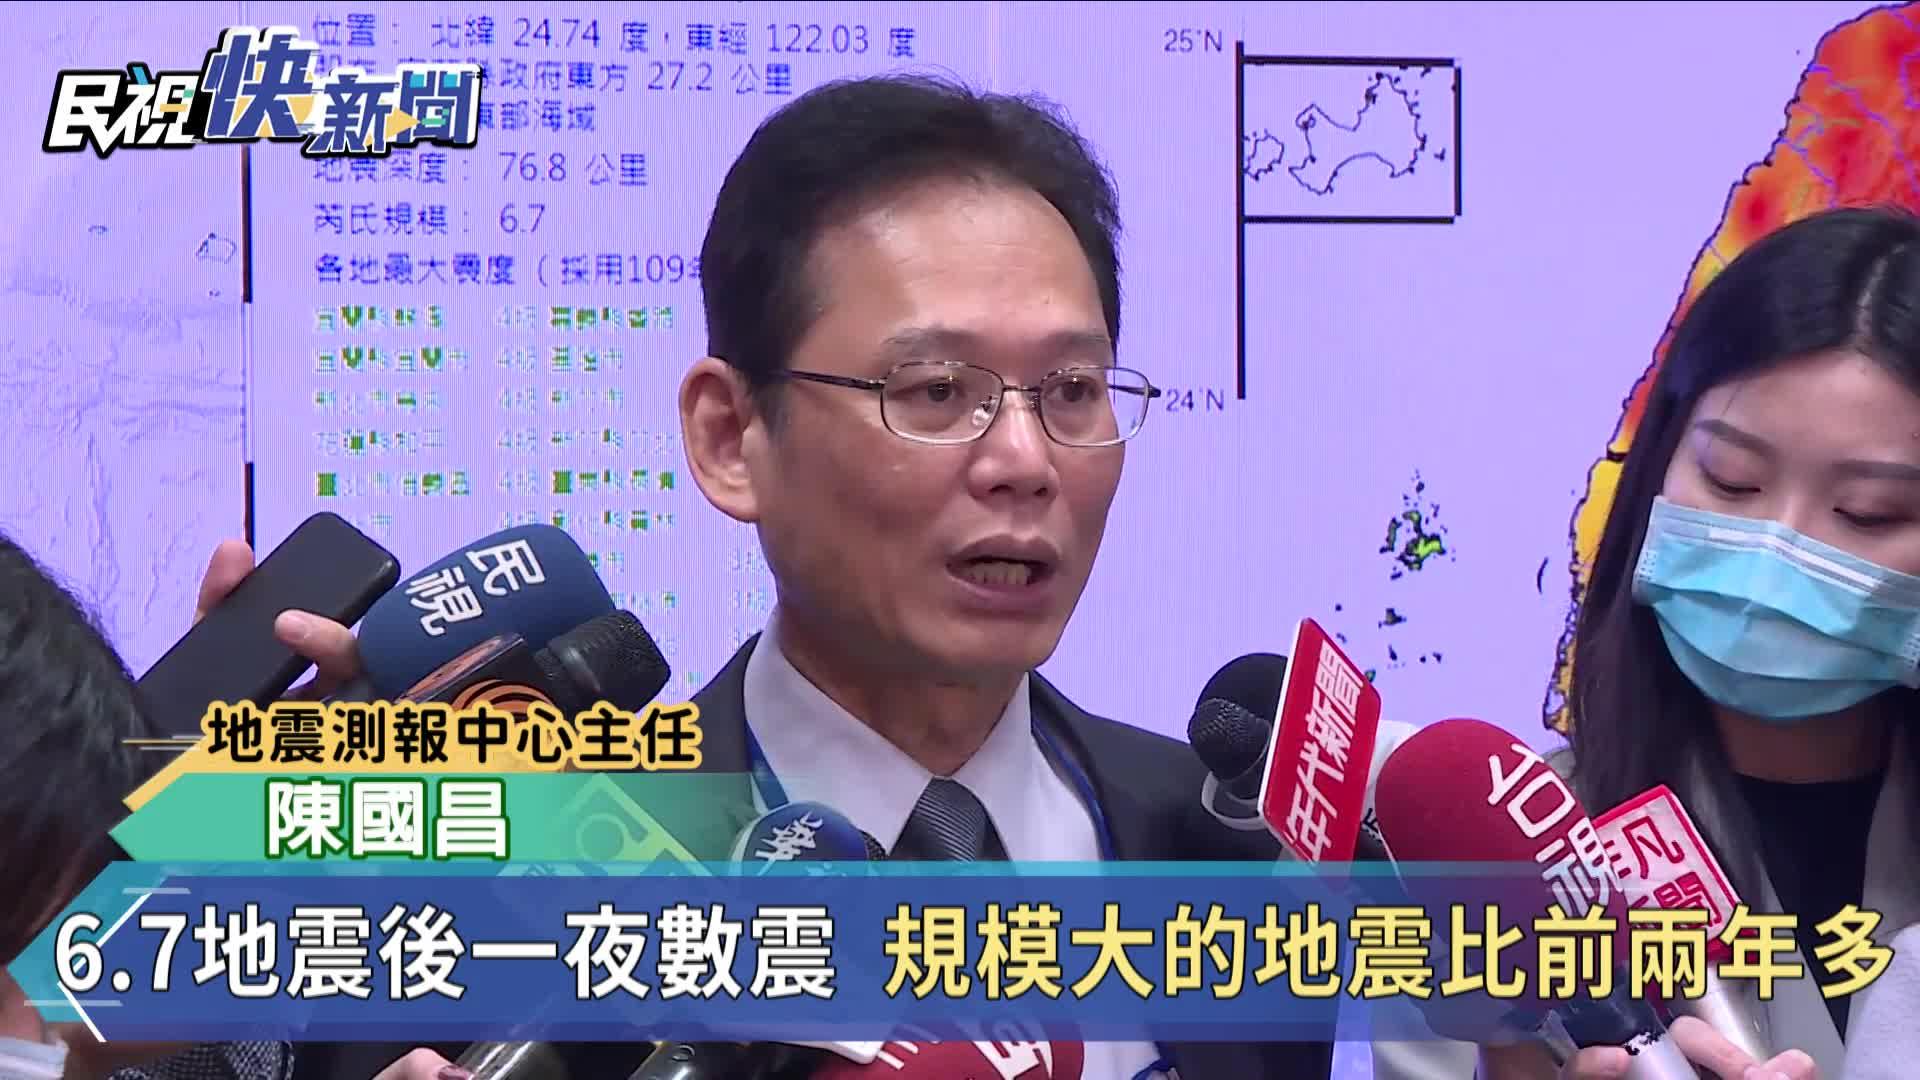 快新聞/一夜數震 地震測報中心:今年規模大的地震比前兩年多